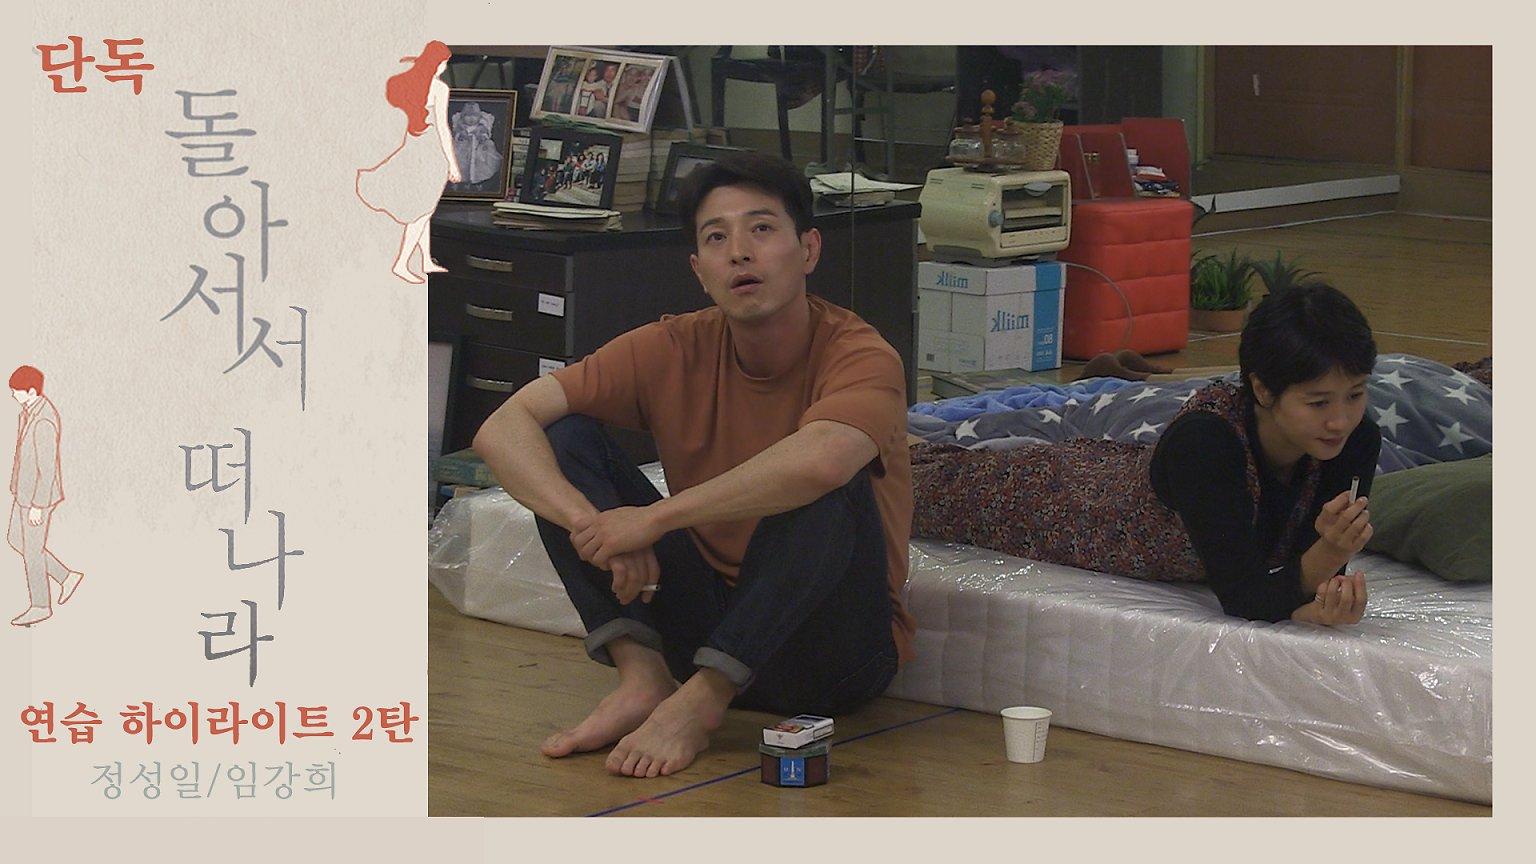 [단독] 연극 '돌아서서 떠나라' 연습 시연 하이라이트 2부 - 정성일, 임강희